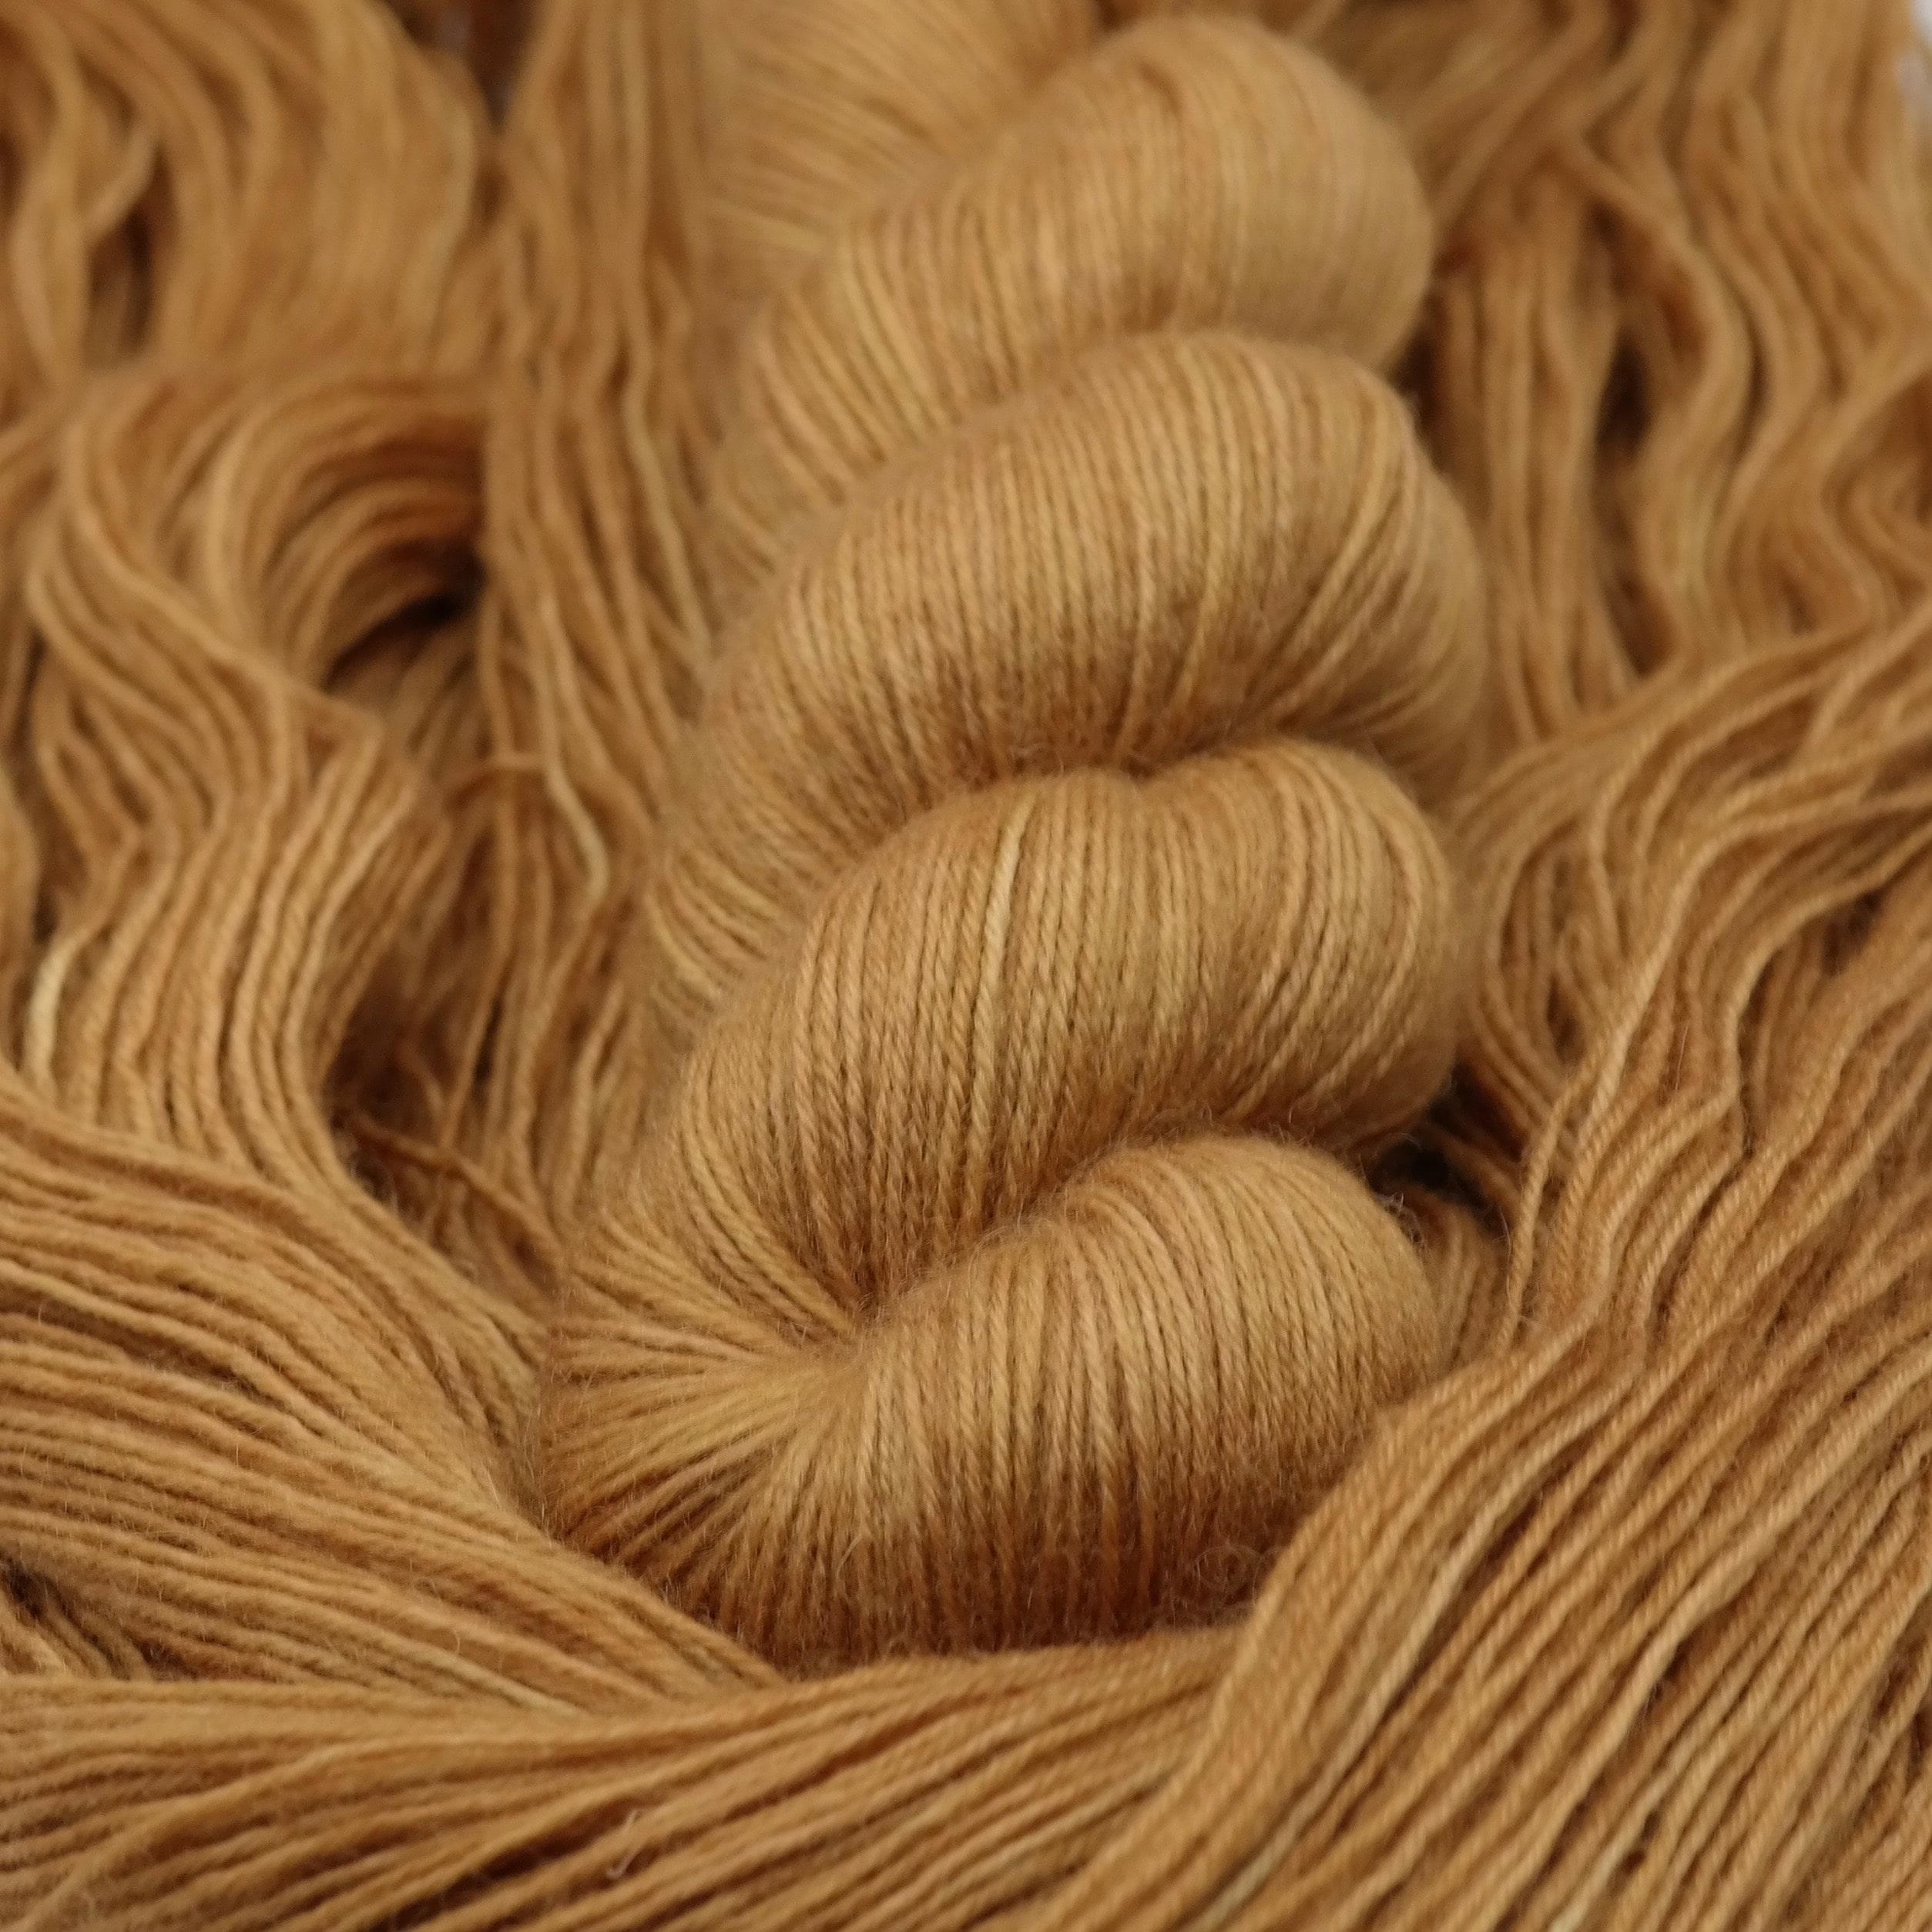 P'tit Biscuit | BFL Fingering - Echeveau de laine 100% Bluefaced Leicester teint à la main dans le Nord de la France par Teinturlurée